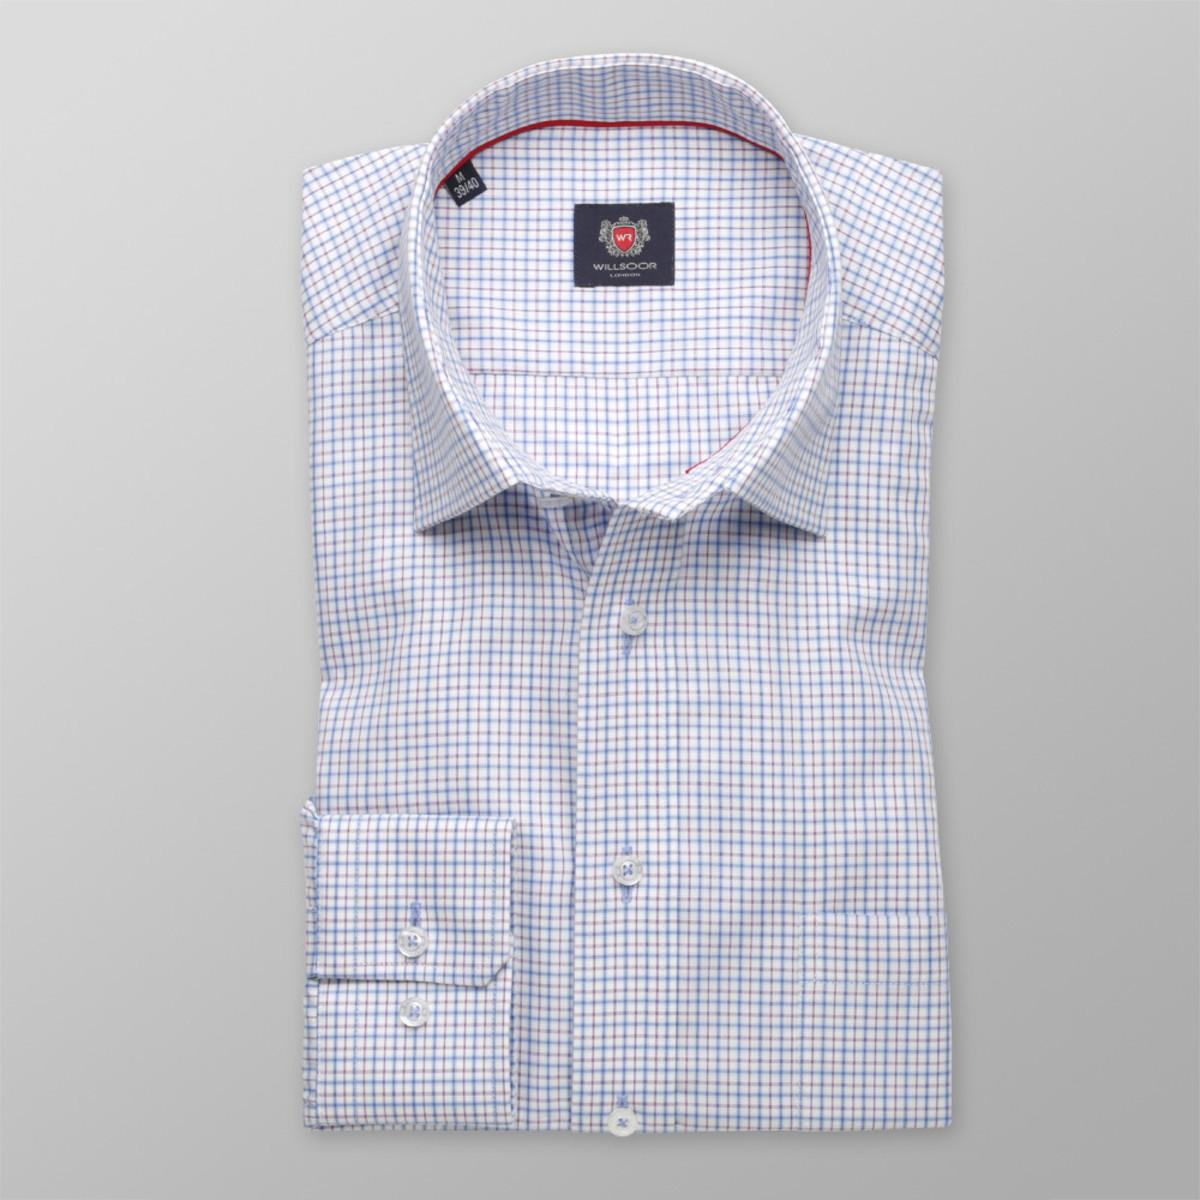 Pánska klasická košeľa London (výška 176-182) 8683 v biele farbe s farebnou kockou a úpravou easy care 176-182 / XL (43/44)